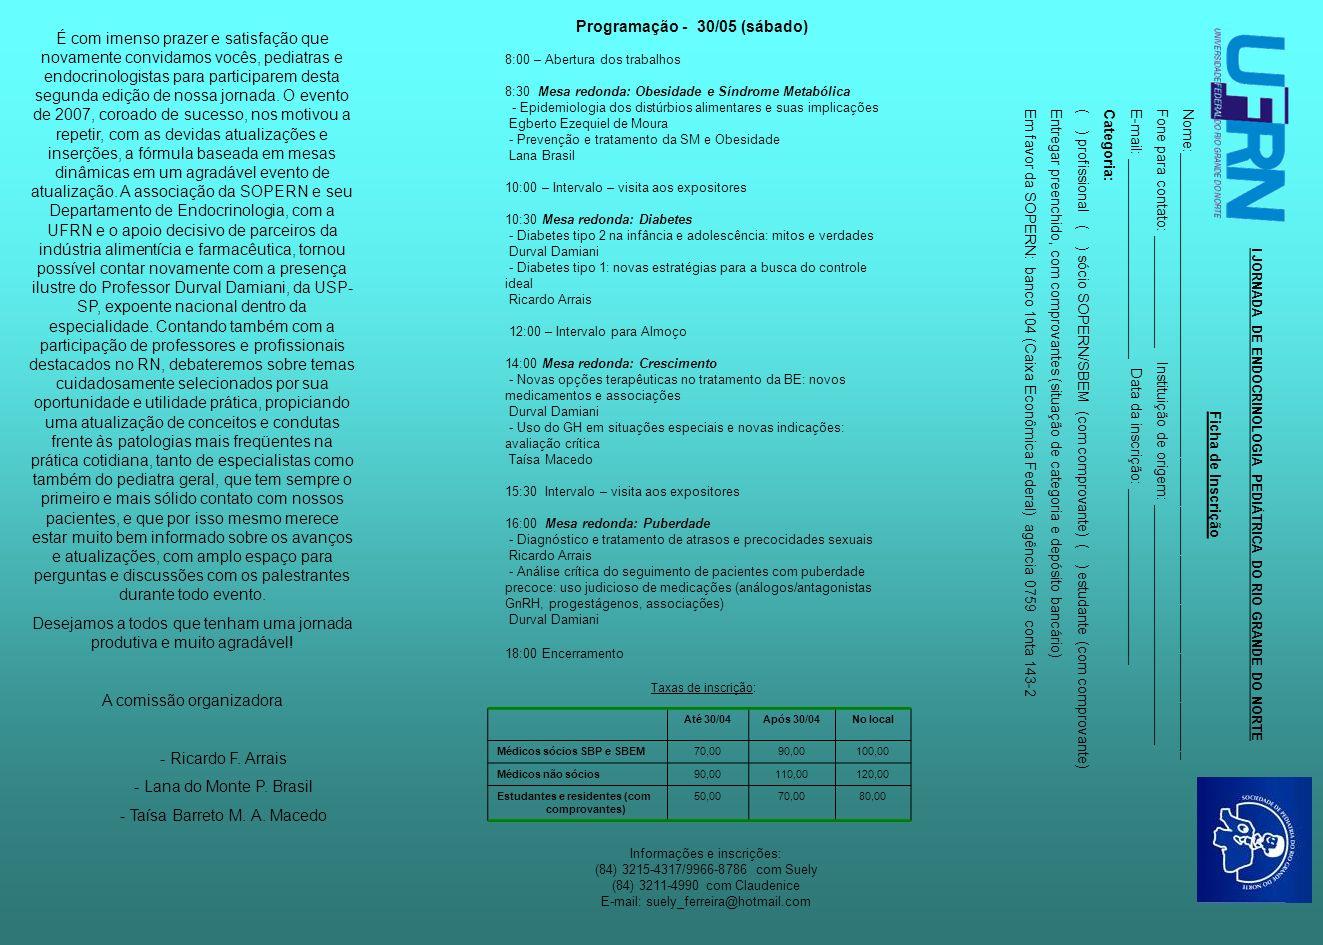 Programação - 30/05 (sábado)